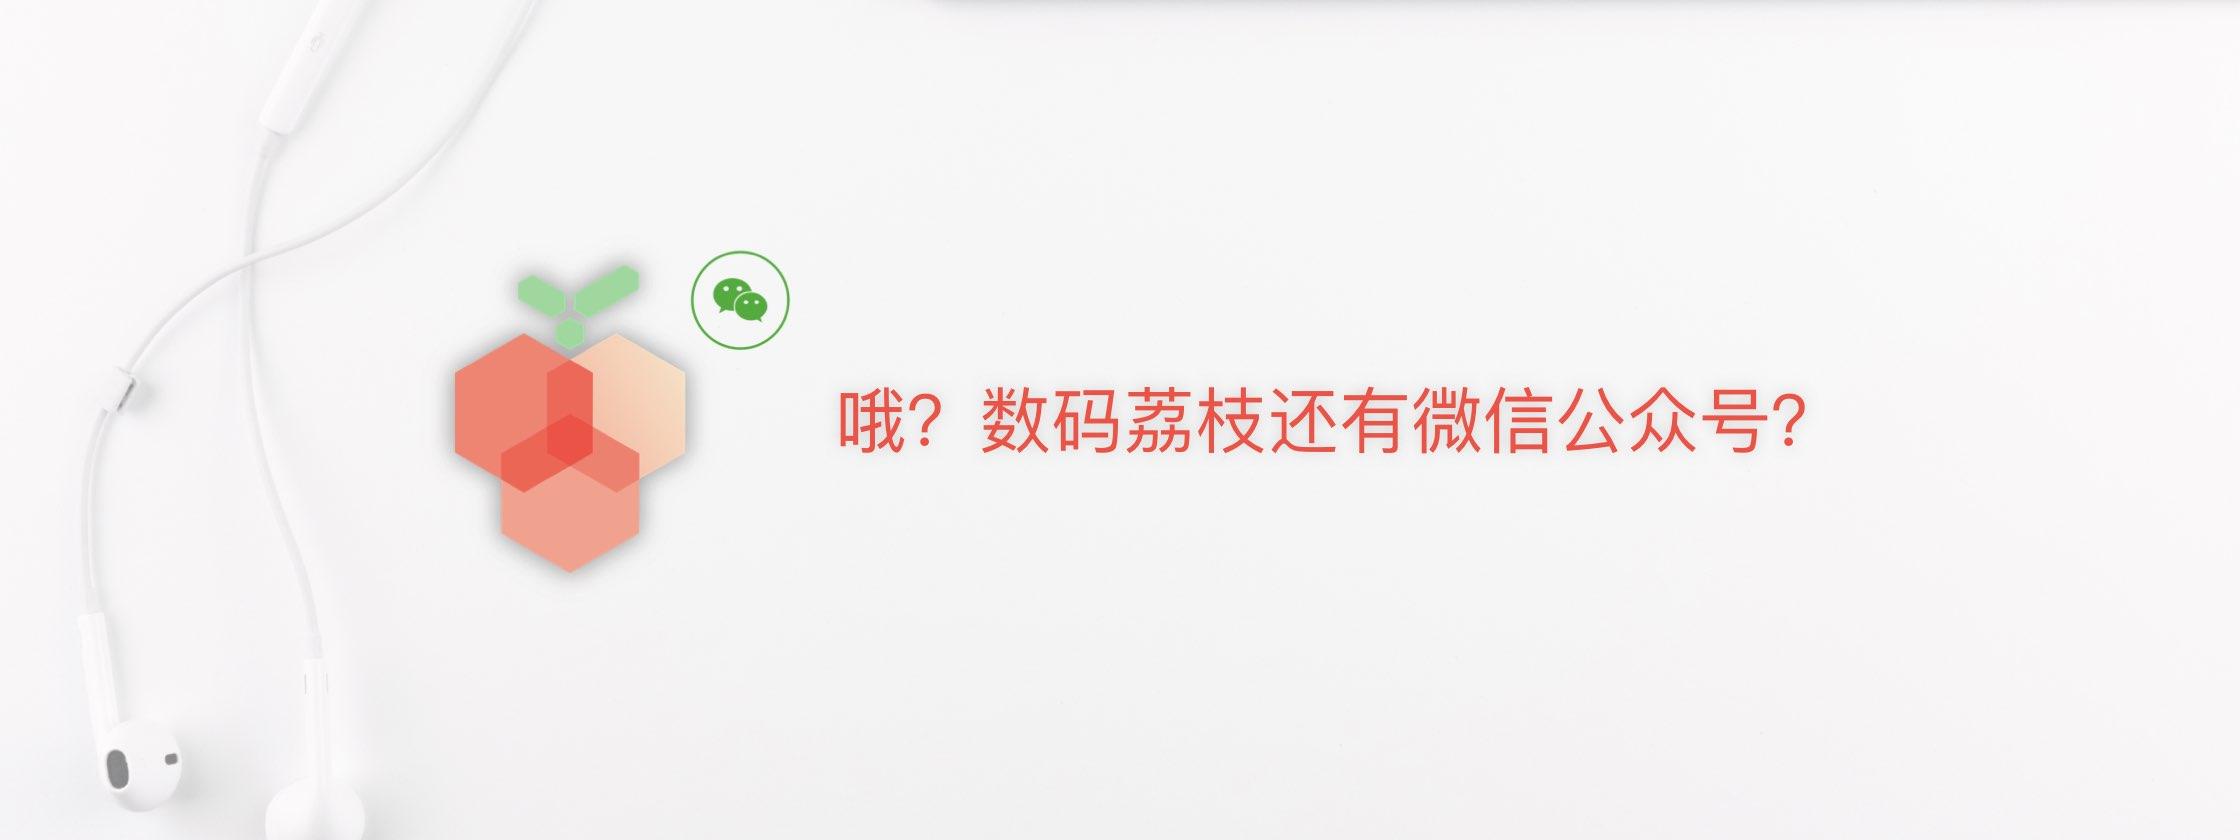 哦?那家卖软件的「数码荔枝」还有公众号?